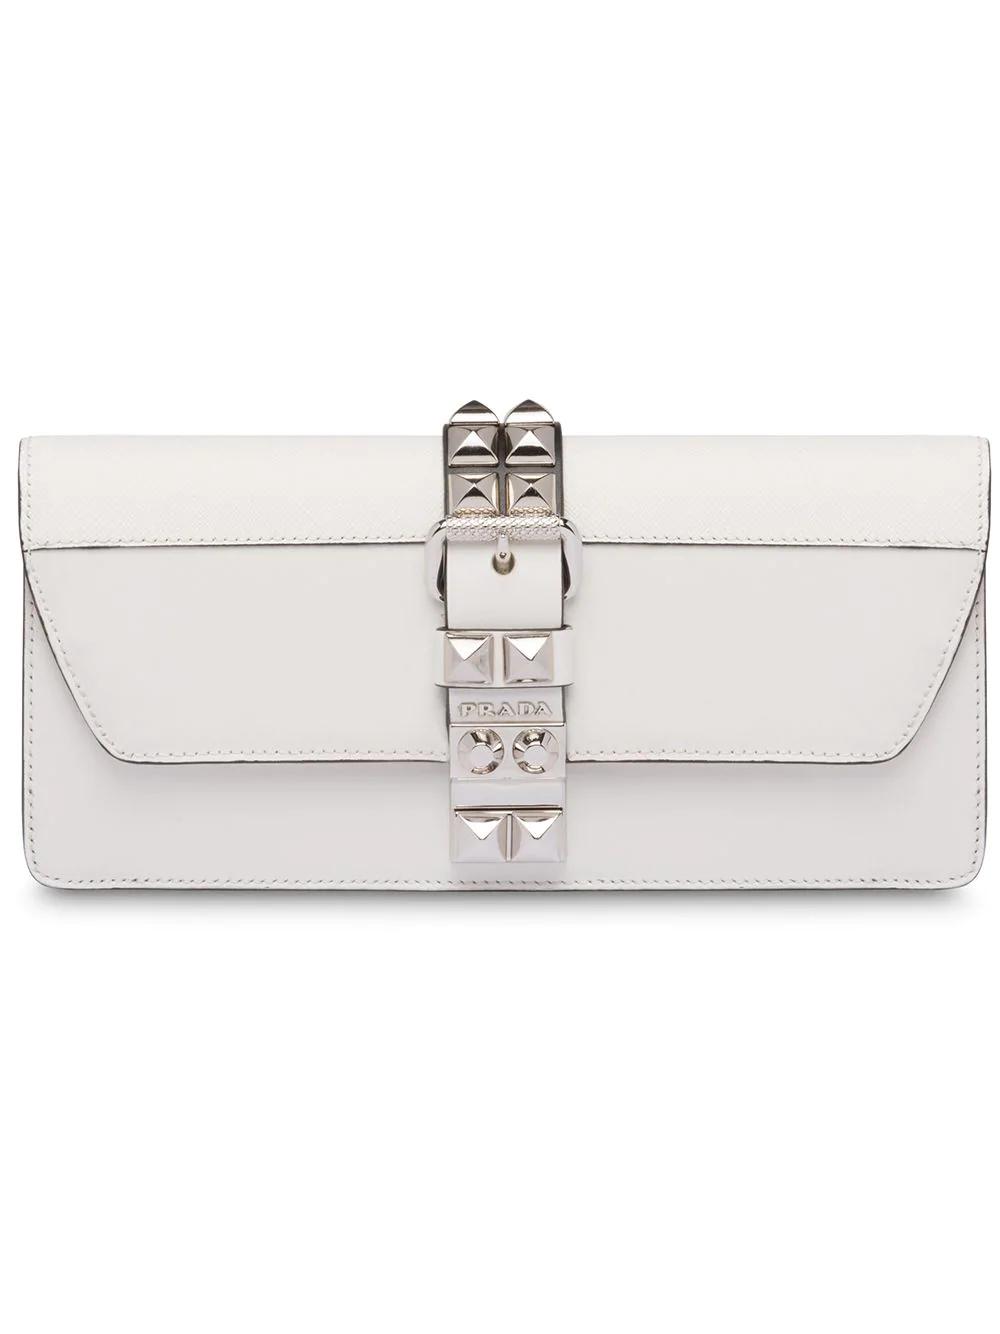 5a85734387ec Prada Elektra Clutch Bag - White | ModeSens